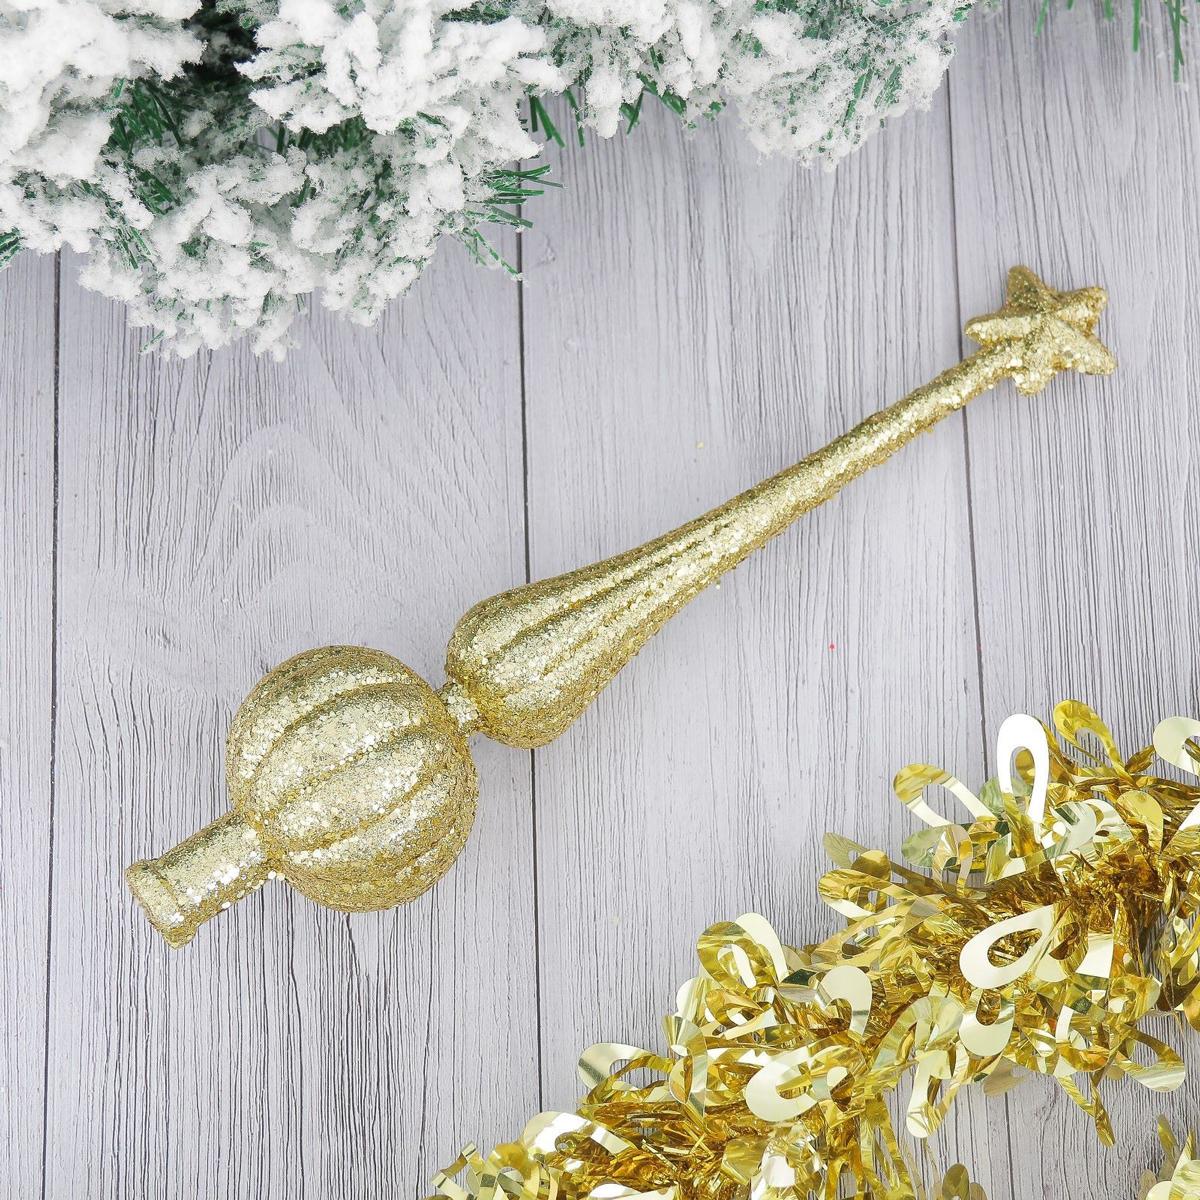 Верхушка на елку Золотая россыпь, 5 х 25 см2371119Верхушка на елку выполнена из высококачественного пластика. Изделие будет прекрасно смотреться на новогодней елке. Верхушка на елку - одно из главных новогодних украшений лесной красавицы. Она принесет в ваш дом ни с чем не сравнимое ощущение праздника! Новогодние украшения несут в себе волшебство. Они помогут вам украсить дом к предстоящим праздникам и оживить интерьер по вашему вкусу. Создайте в доме атмосферу тепла, веселья и радости, украшая его всей семьей.